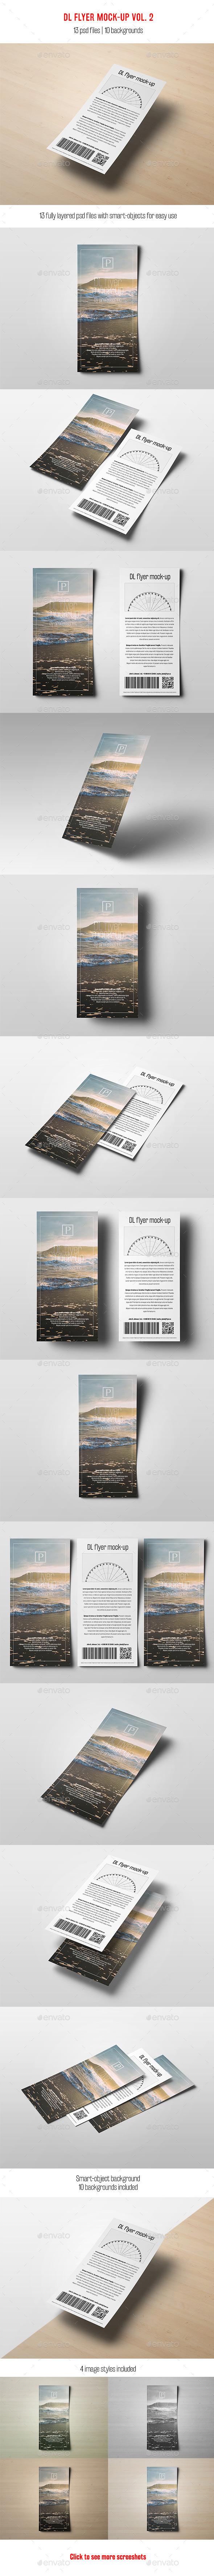 DL Flyer Mock-Up vol 2